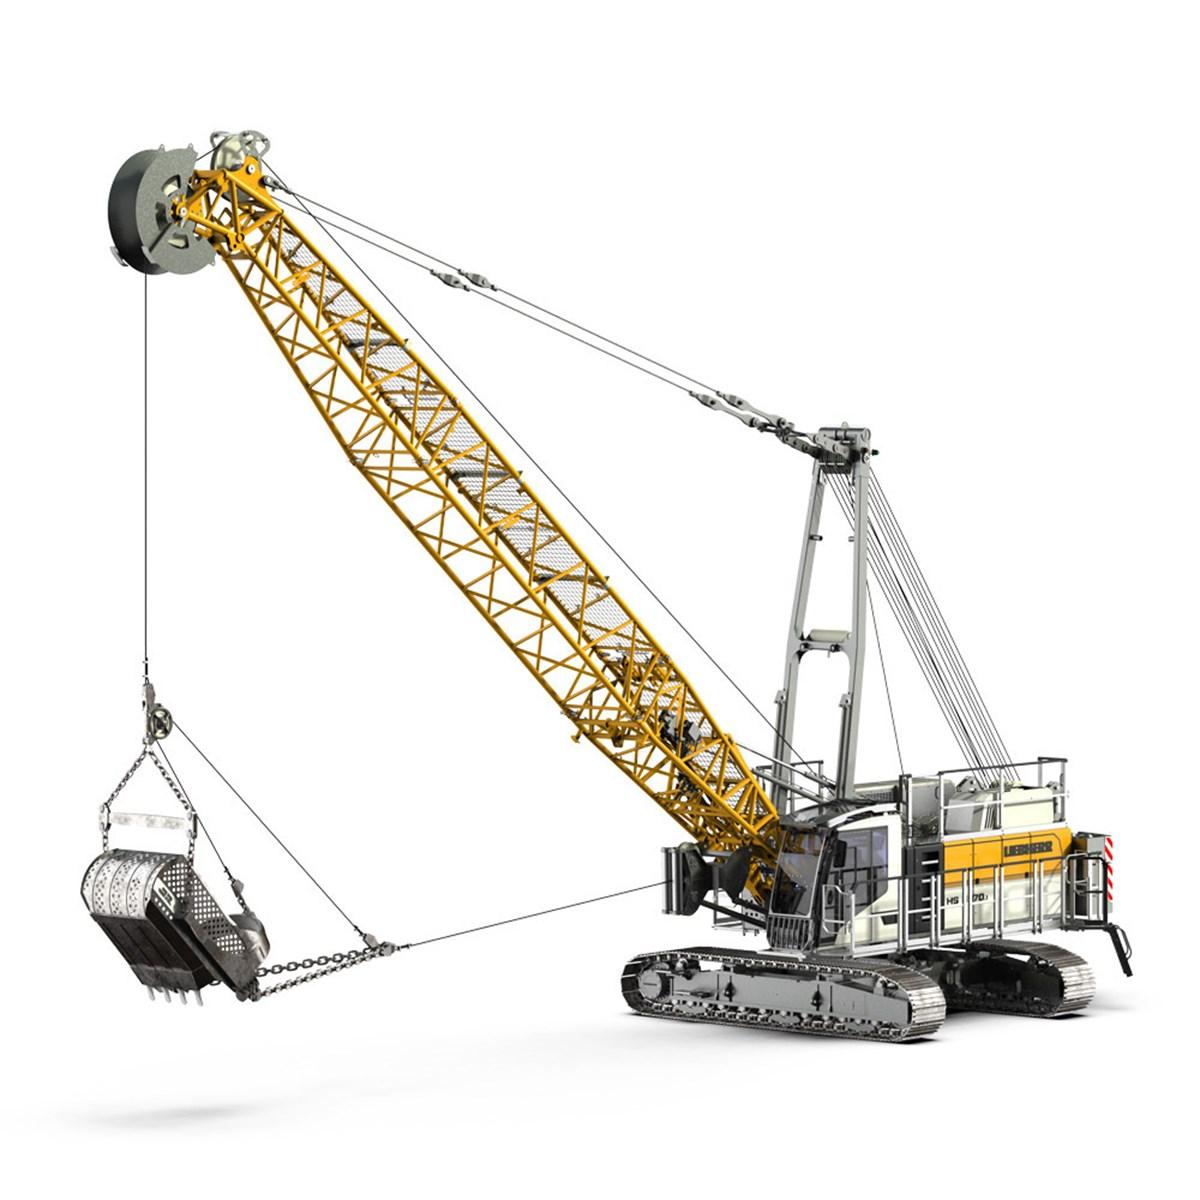 liebherr-hs-8070-1-seilbagger-duty-cycle-crawler-crane-schuerfkuebel-schlepp.jpg